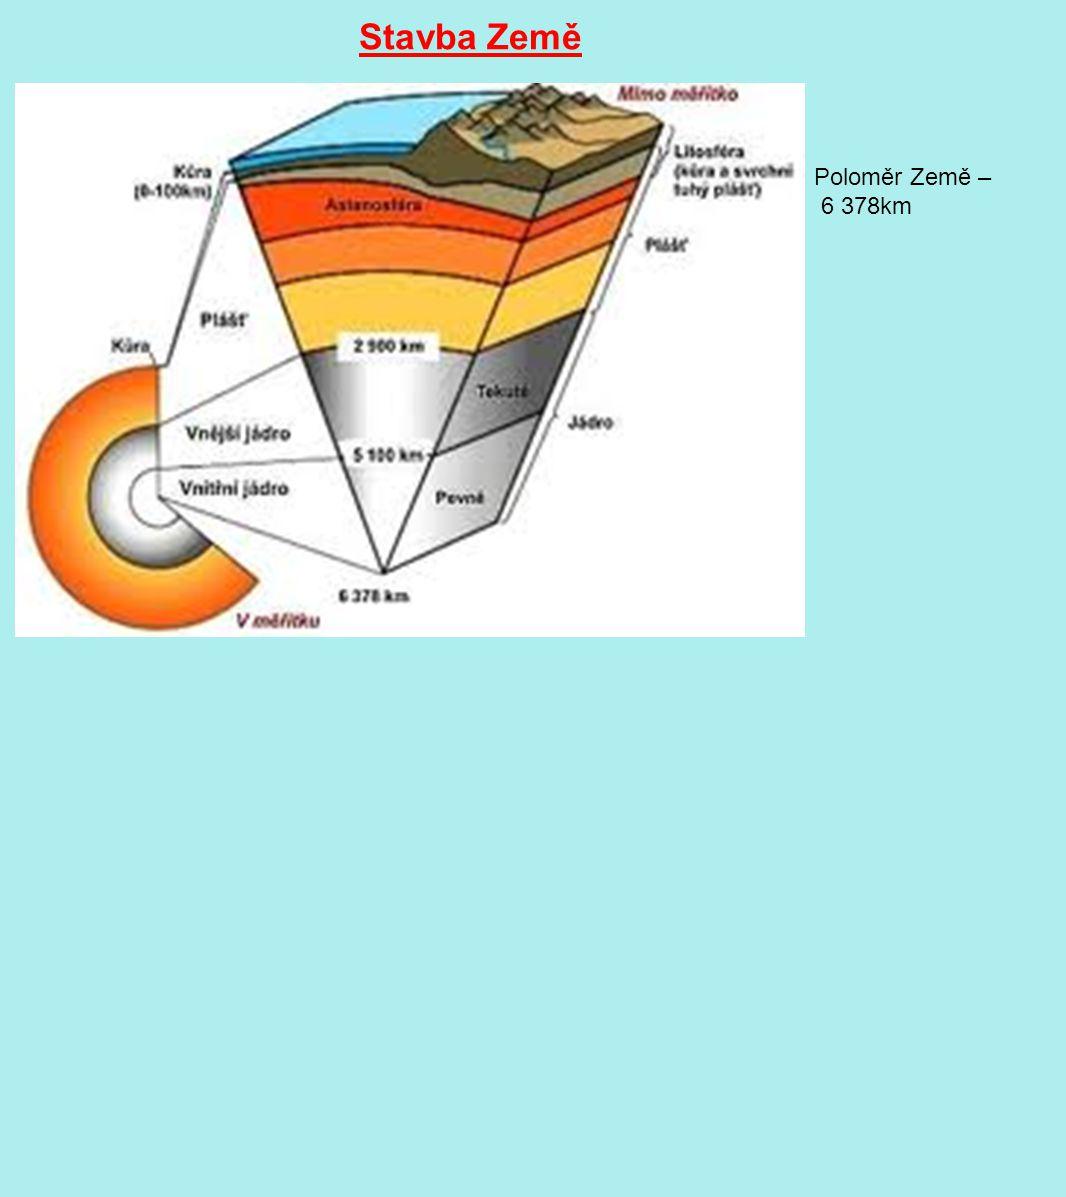 CIZOPASNÍ PLOŠTĚNCI - vnitřní cizopasníci tasemnice dlouhočlenná - v tenkém střevě - 3m tělo: hlavička, krček, ploché články, 4 přísavky s háčky TS: cpt - nemá vlastní TS, DS, CS, smysly RS: nadměrně vyvinutá v posledních článcích - vajíčka - 50 000 obojetník Vývin nepřímý Výkaly - vajíčka - žaludek prasete - líhnou larvy - do svalů - boubele - nedostatečně propečené maso - do TS člověka Tasemnice bezbranná - u hovězího dobytka - 3-10 m tasemnice mají i psi a kočky Motolice jaterní - v játrech ovcí, 3 cm, nepřímý vývin